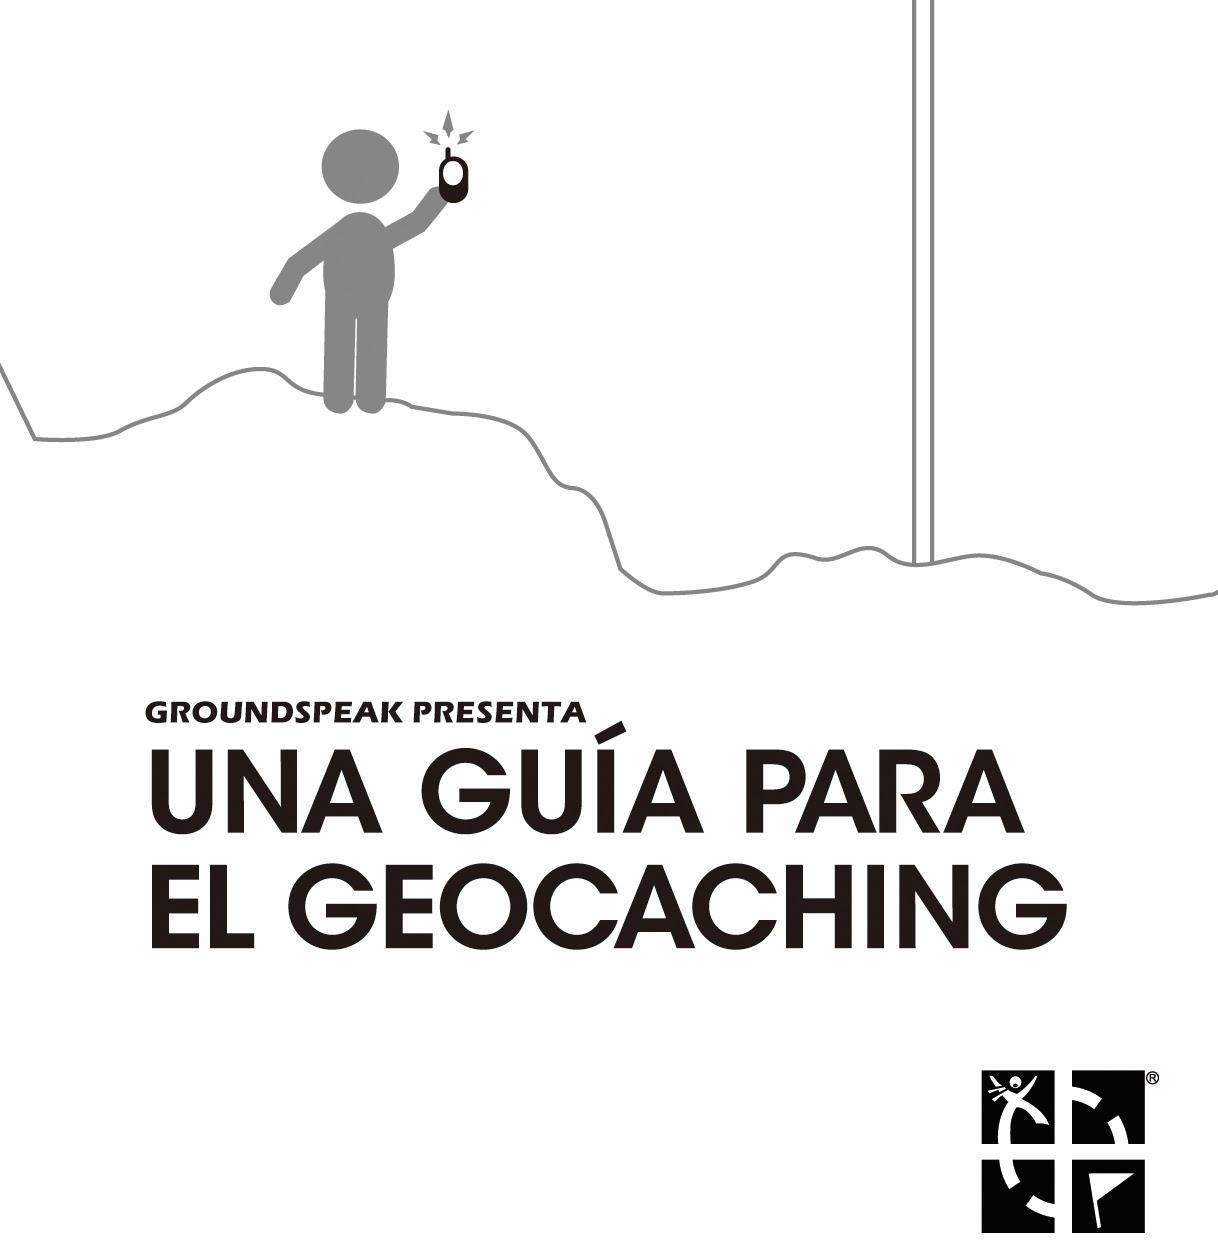 GUIA PARA EL GEOCACHING